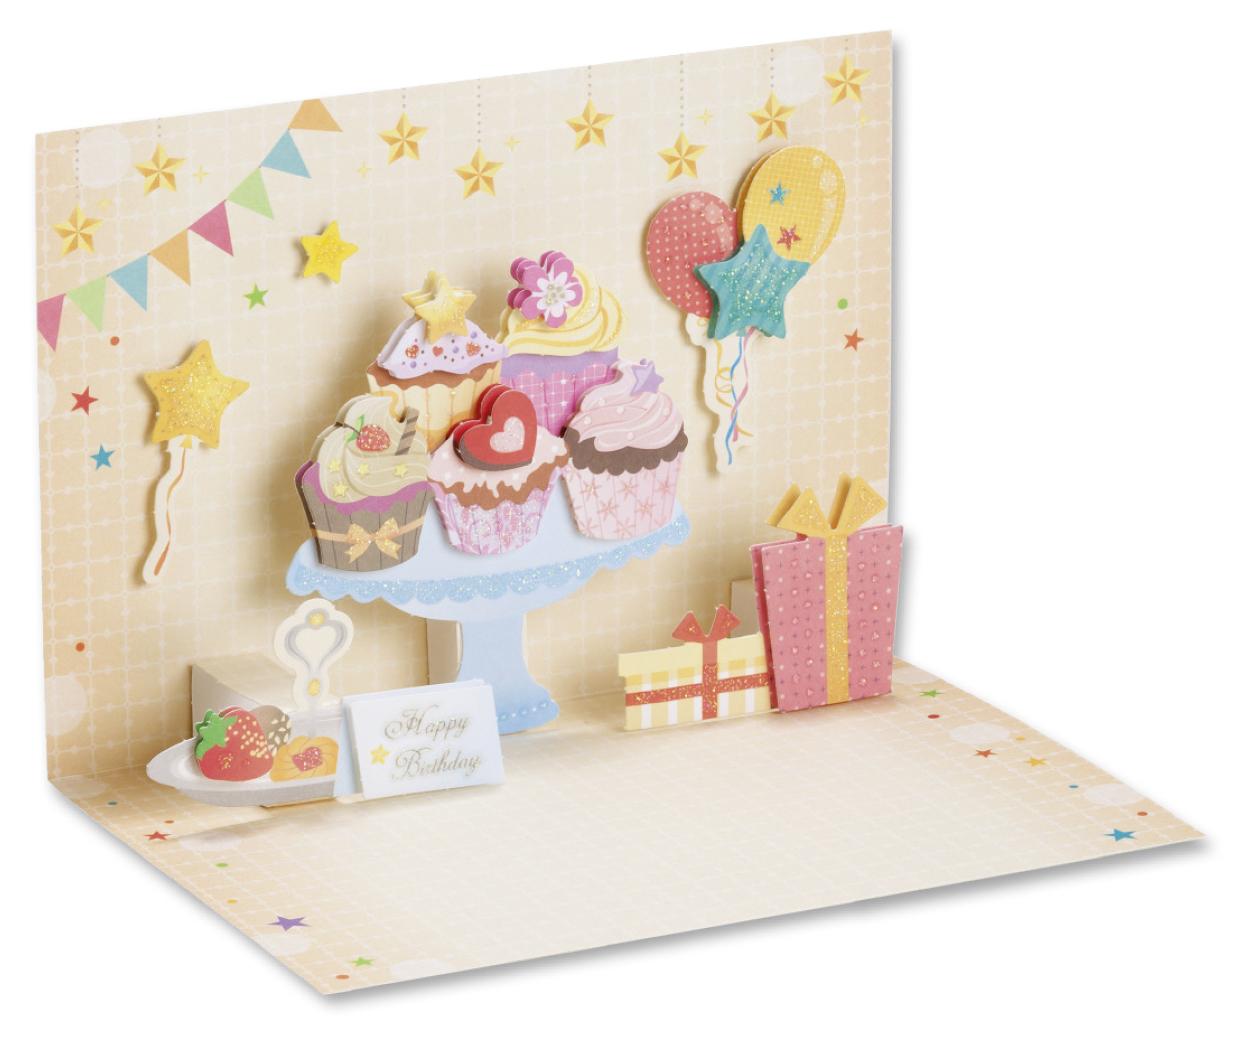 přání k narozeninám výroba SADY PRO TVOŘENÍ     3D Přání   výroba   set   NAROZENINY   FOLIA  přání k narozeninám výroba